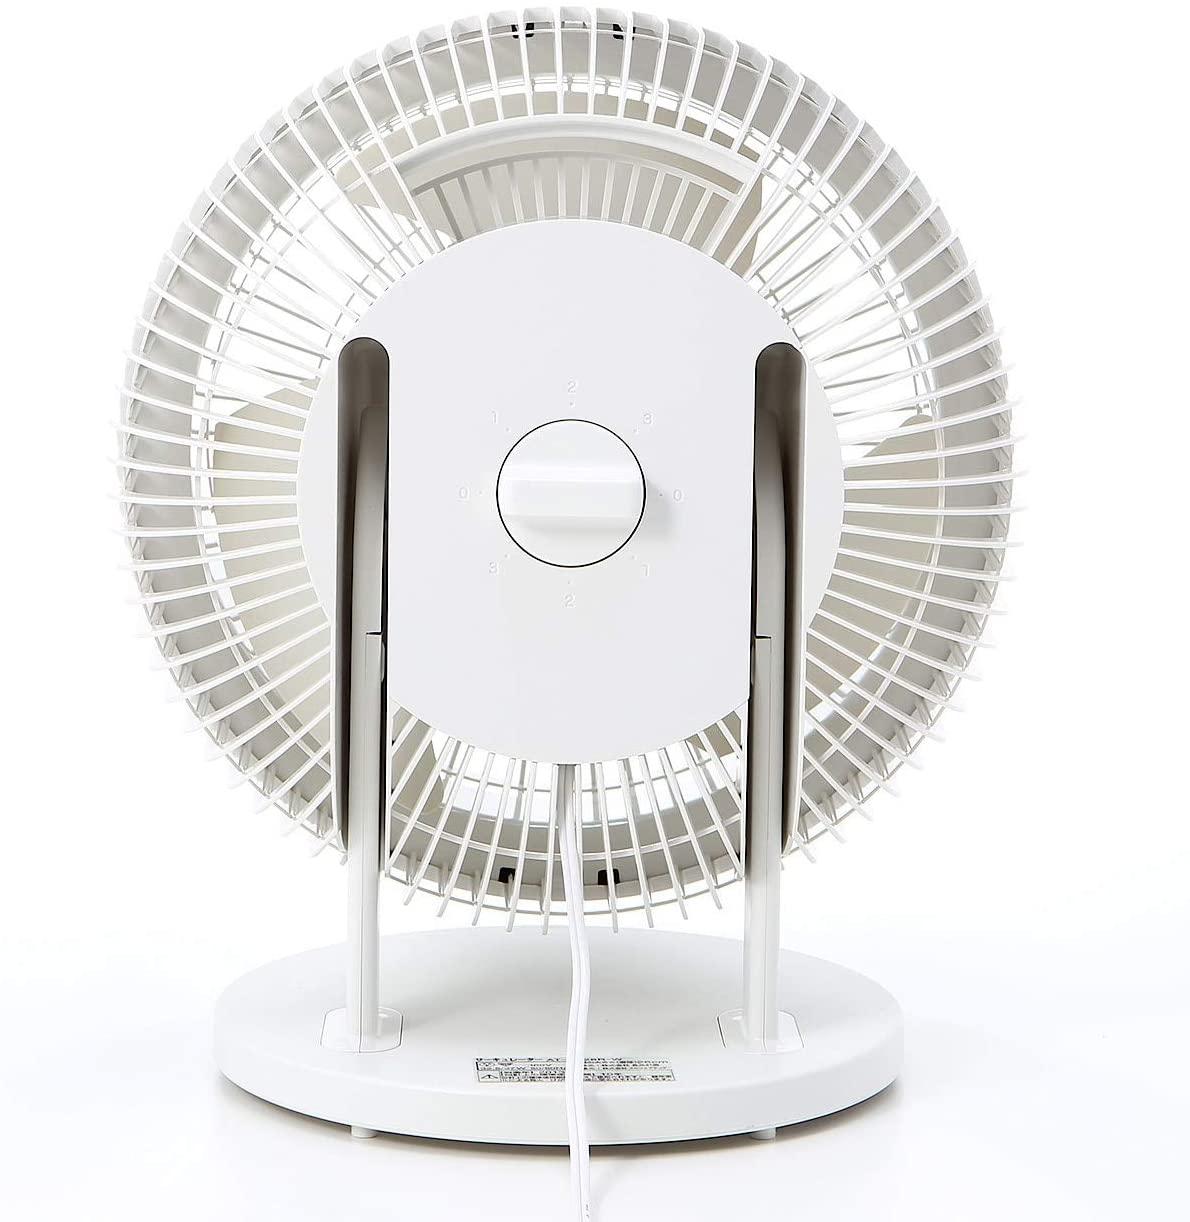 無印良品(MUJI) サーキュレーター(低騒音ファン・大風量タイプ) AT-CF26R-Wの商品画像4